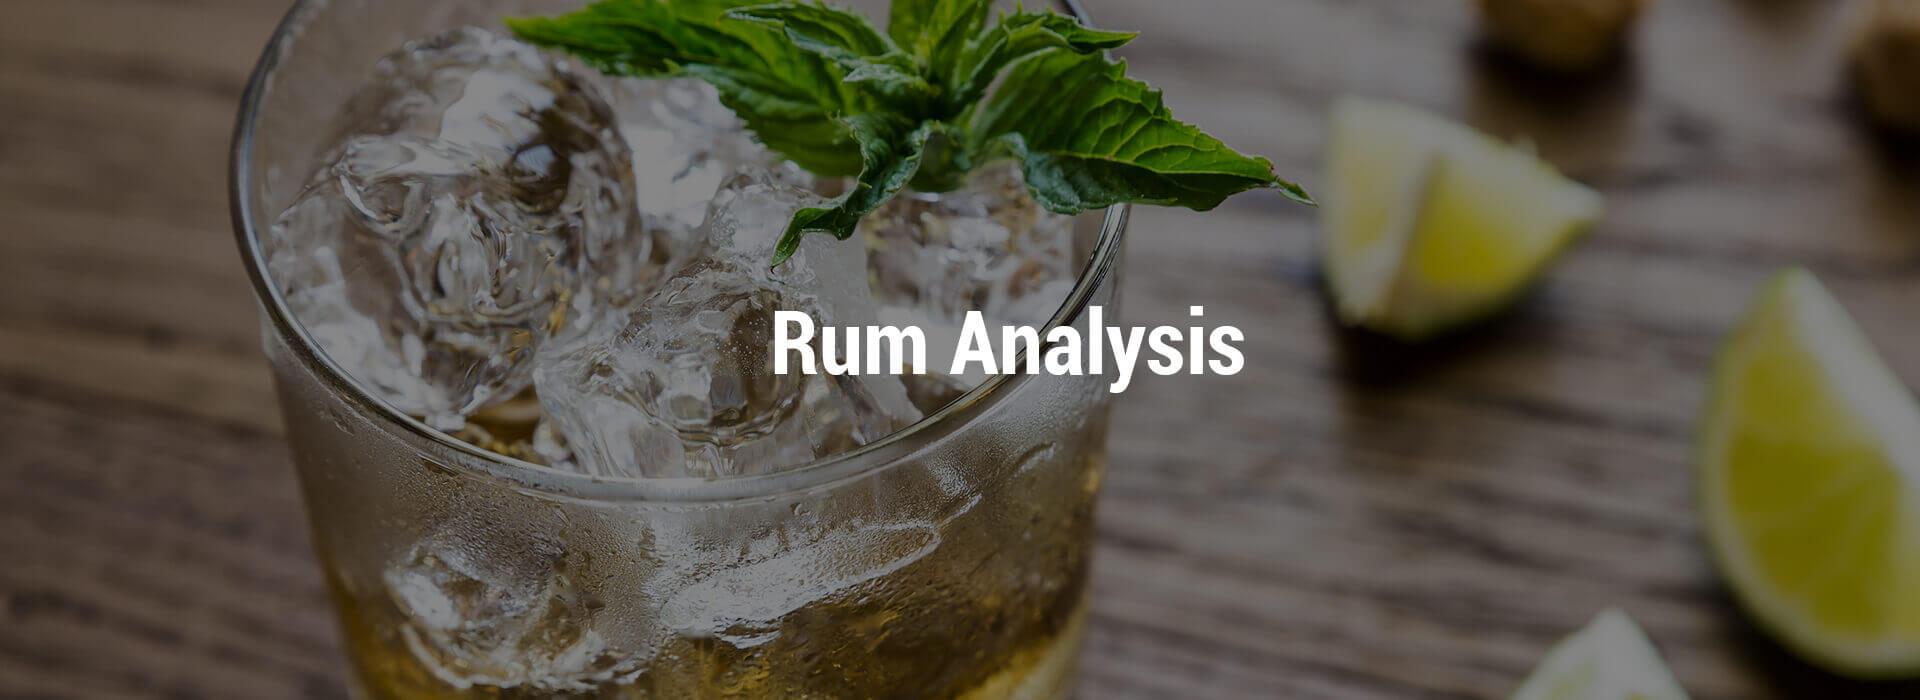 HS-rum-header-1